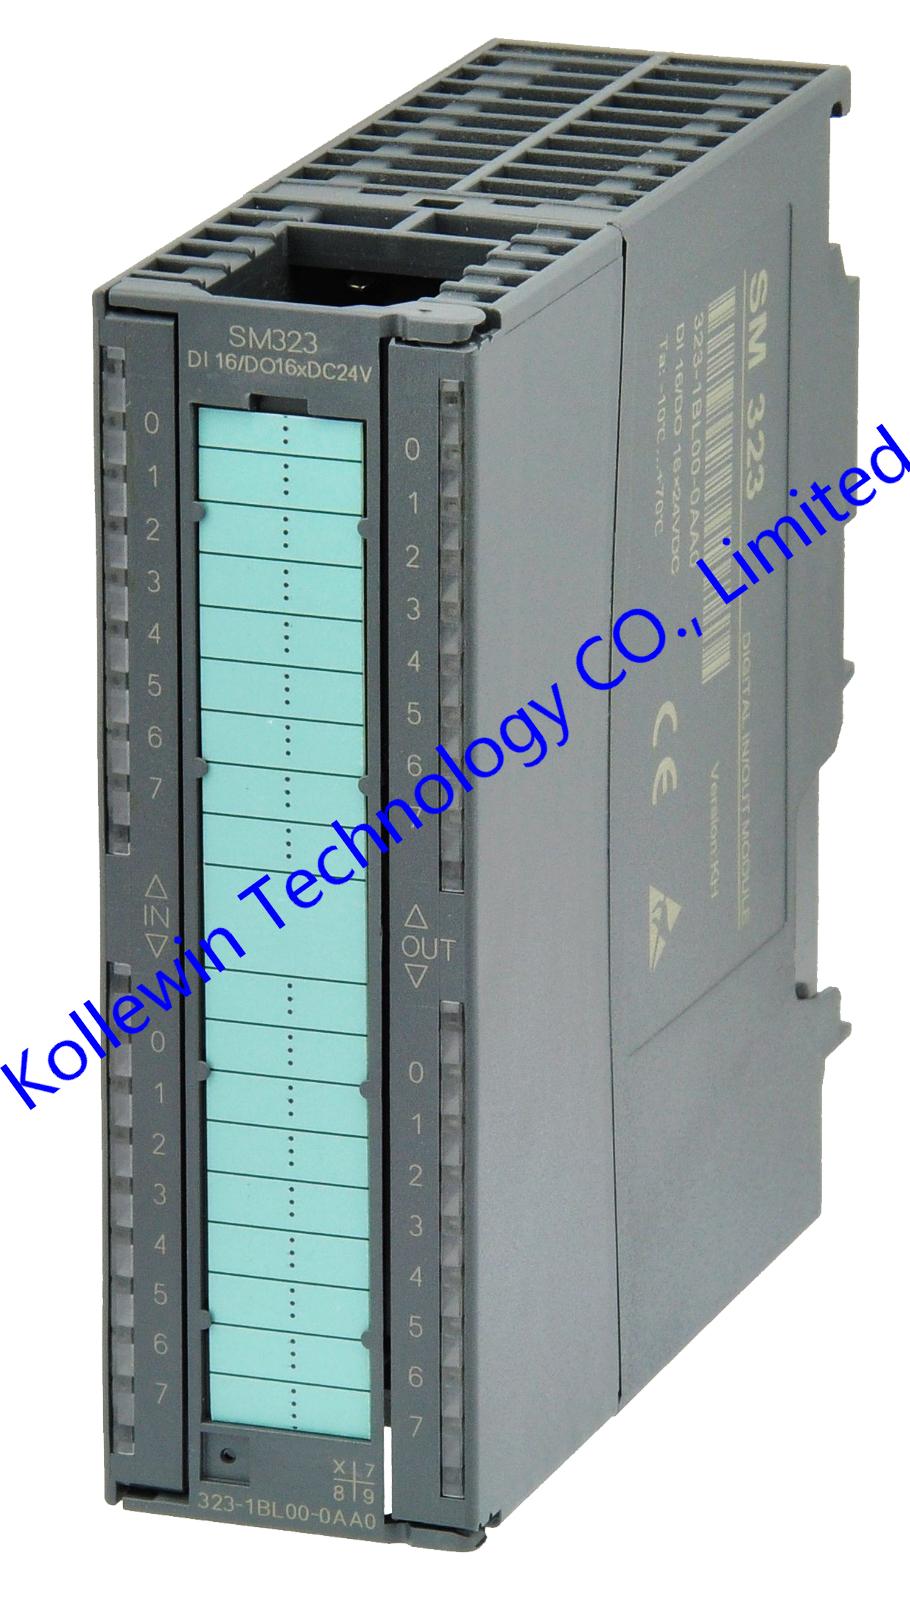 hight resolution of profibus connector 6es7323 1bl00 0aa0 323 1bl00 0aa0 profibus connector 6es7323 1bl00 0aa0 6es7 322 1bl00 0aa0 wiring diagram at cita